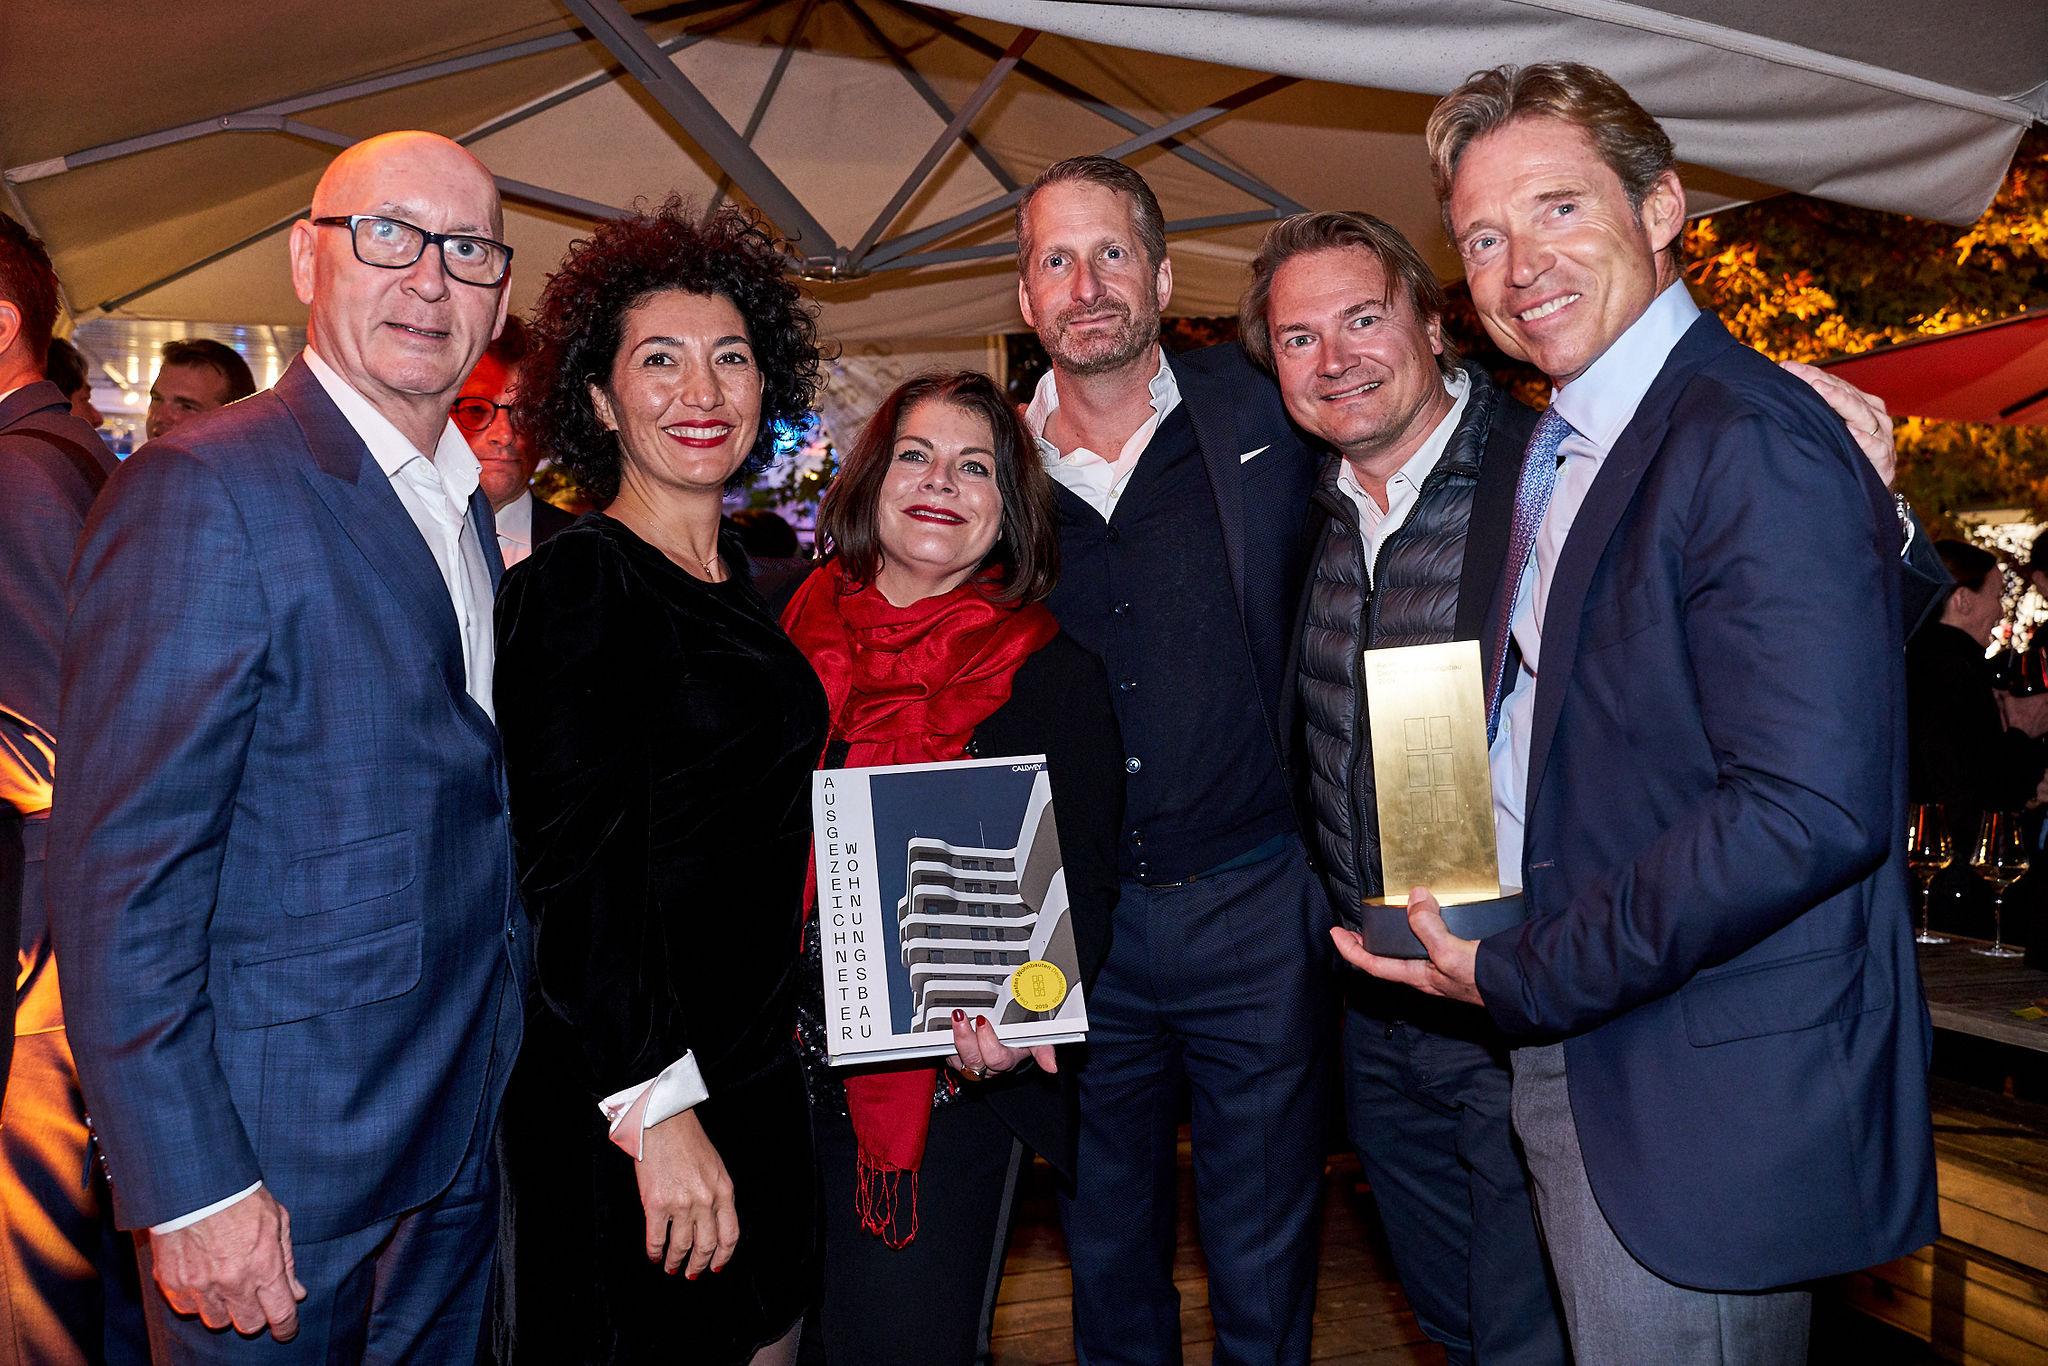 6B47 beim Award Deutscher Wohnungsbau 2019 ausgezeichnet